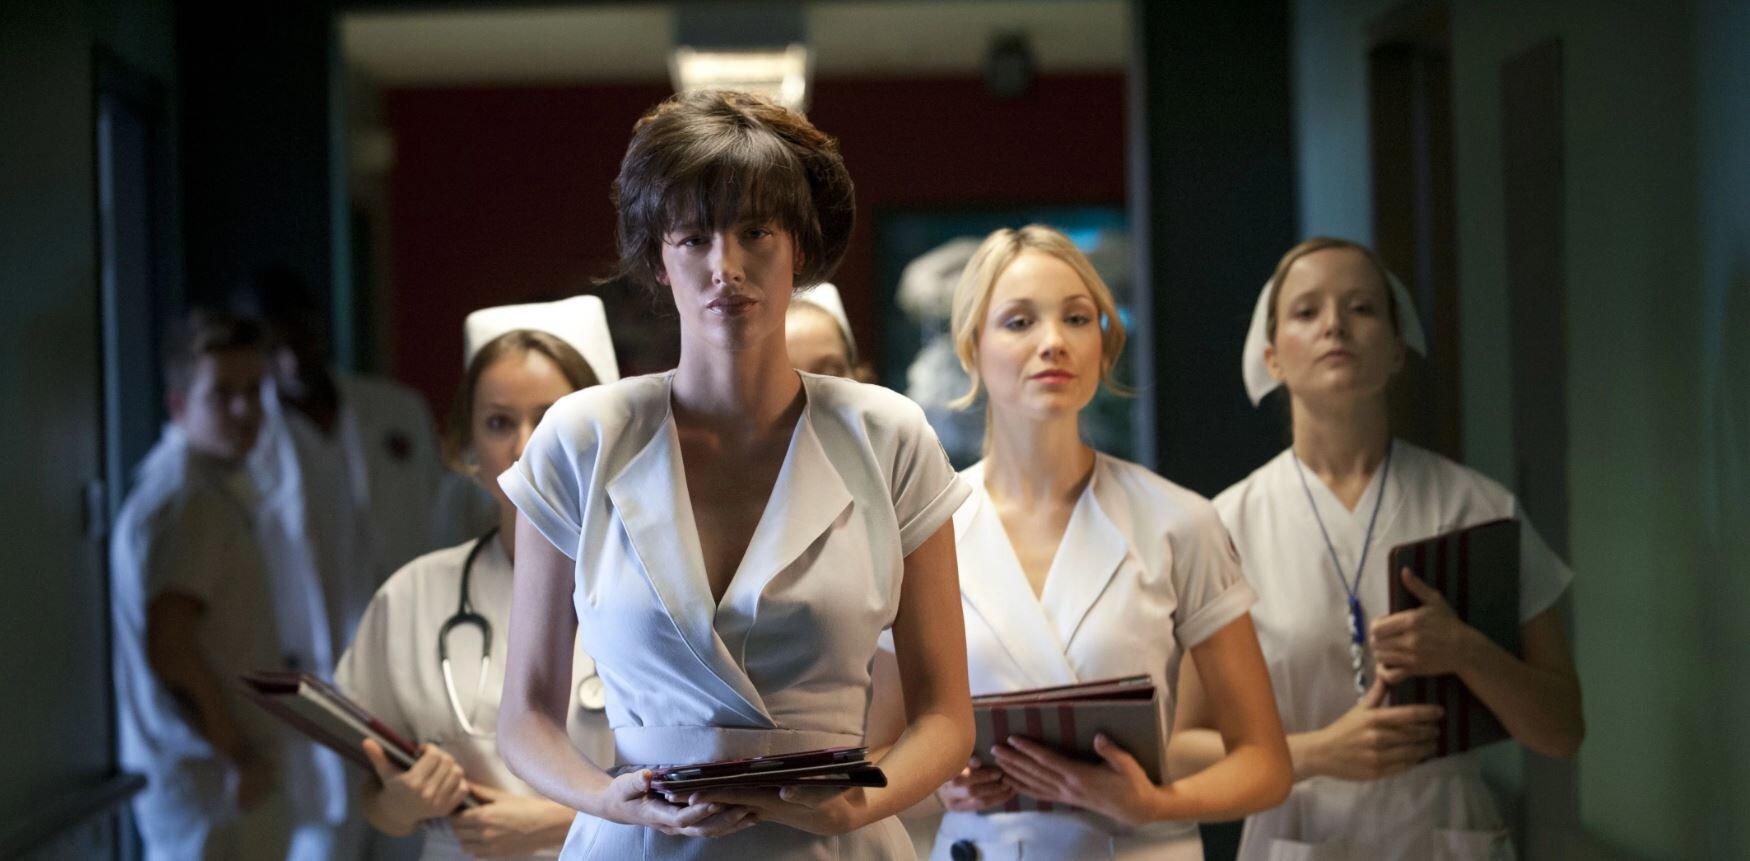 Nurse 3D Paz de la Huerta Scene.JPG